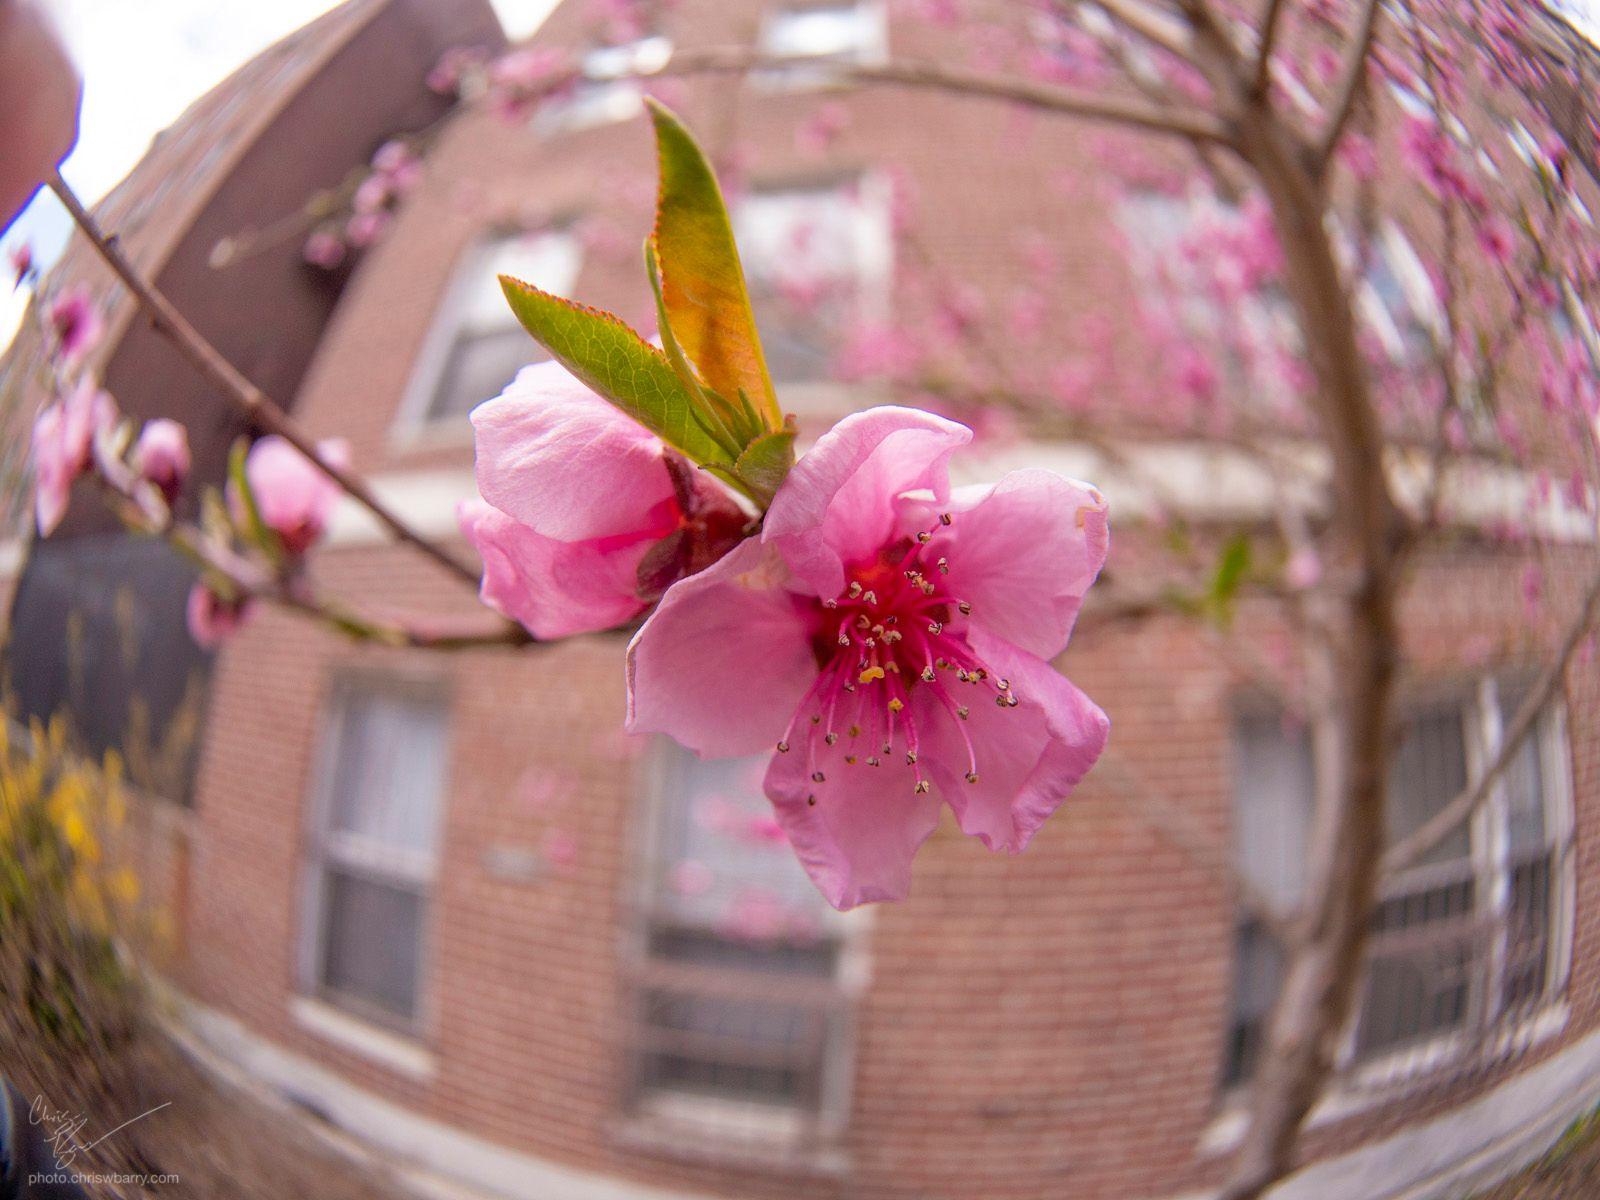 4-4-2020: Cherry blossom